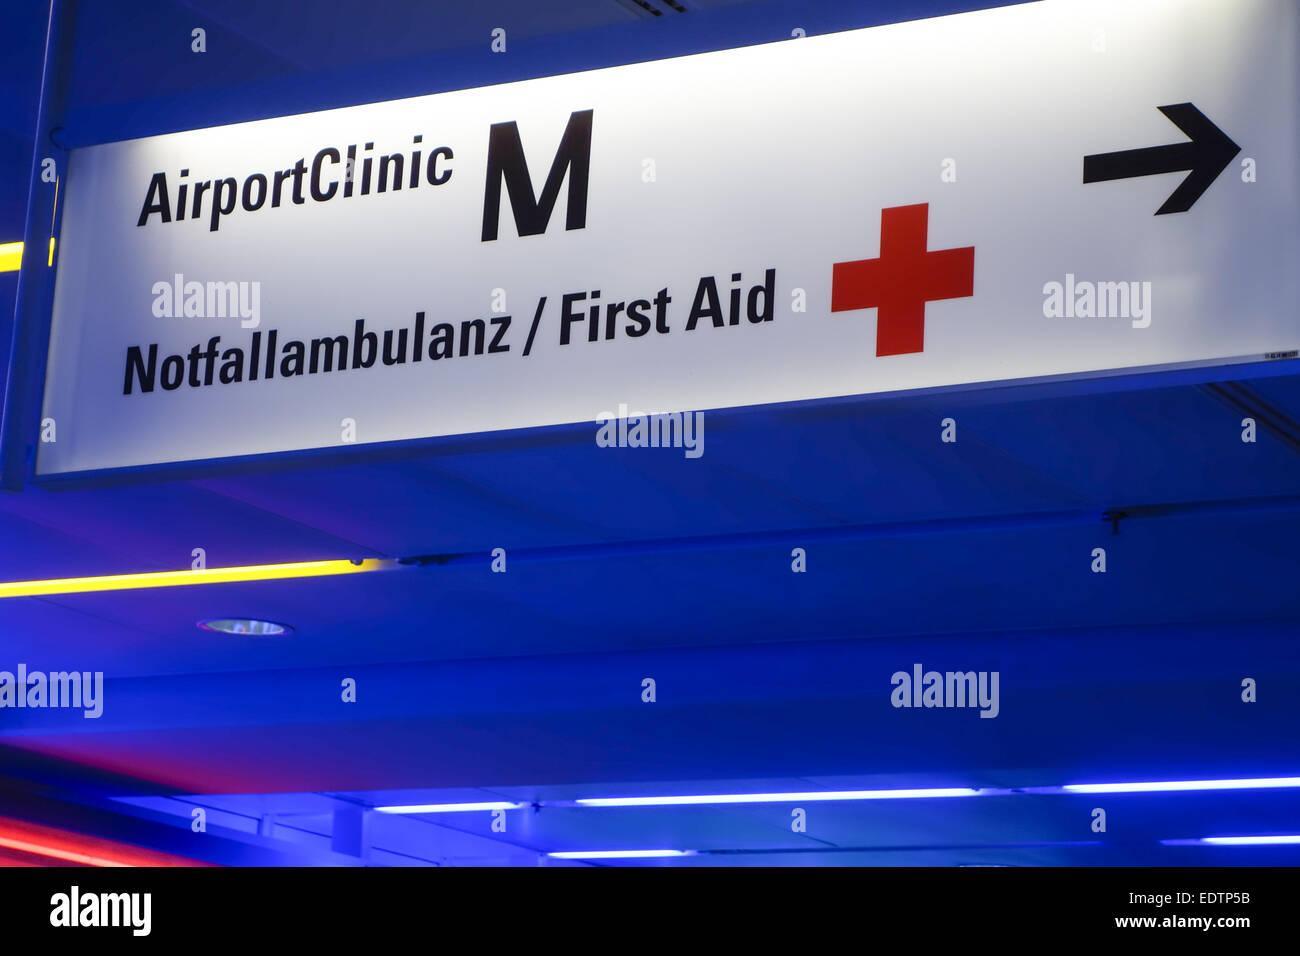 Hinweisschild zur Airport Clinic im Flughafen München, Terminal I, Bayern, Oberbayern, Deutschland,Sign for - Stock Image